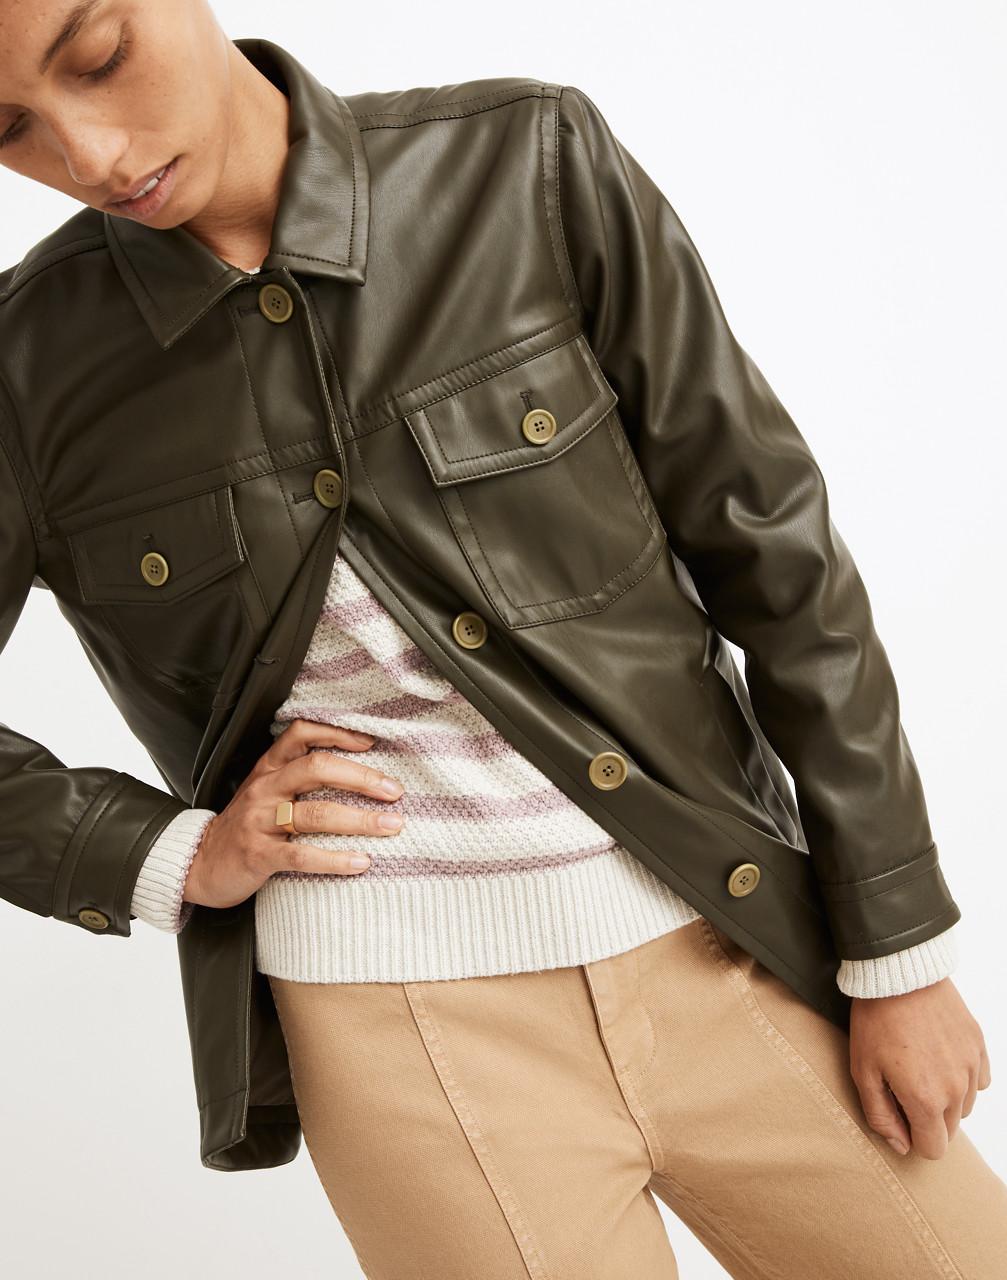 70s Jackets, Furs, Vests, Ponchos Vegan Leather Chore Jacket $198.00 AT vintagedancer.com